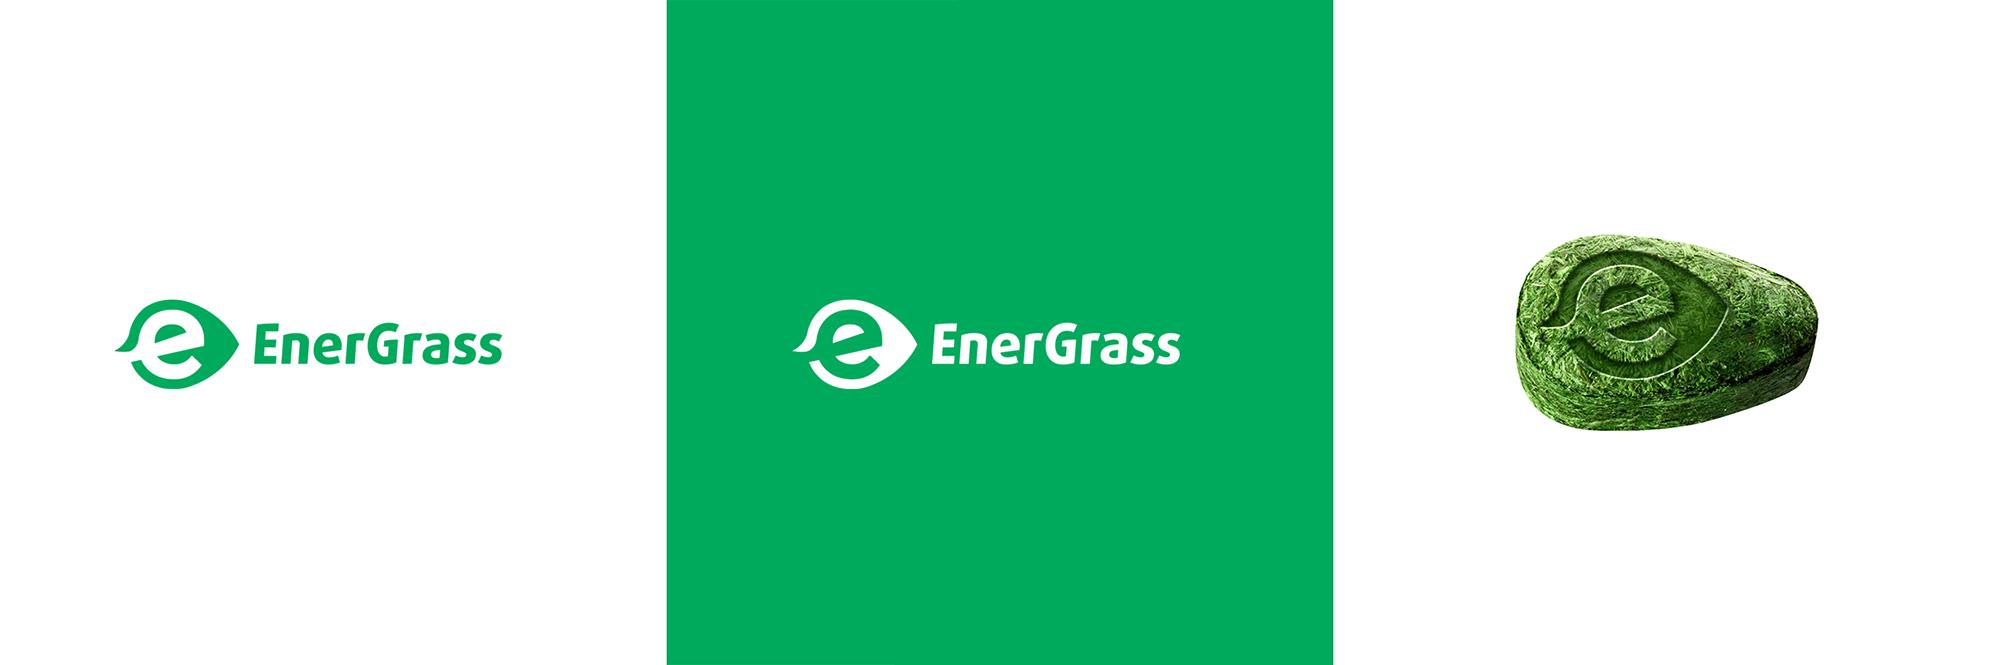 Графический дизайнер для создания логотипа Energrass. фото f_3755f8ffb282d38f.jpg